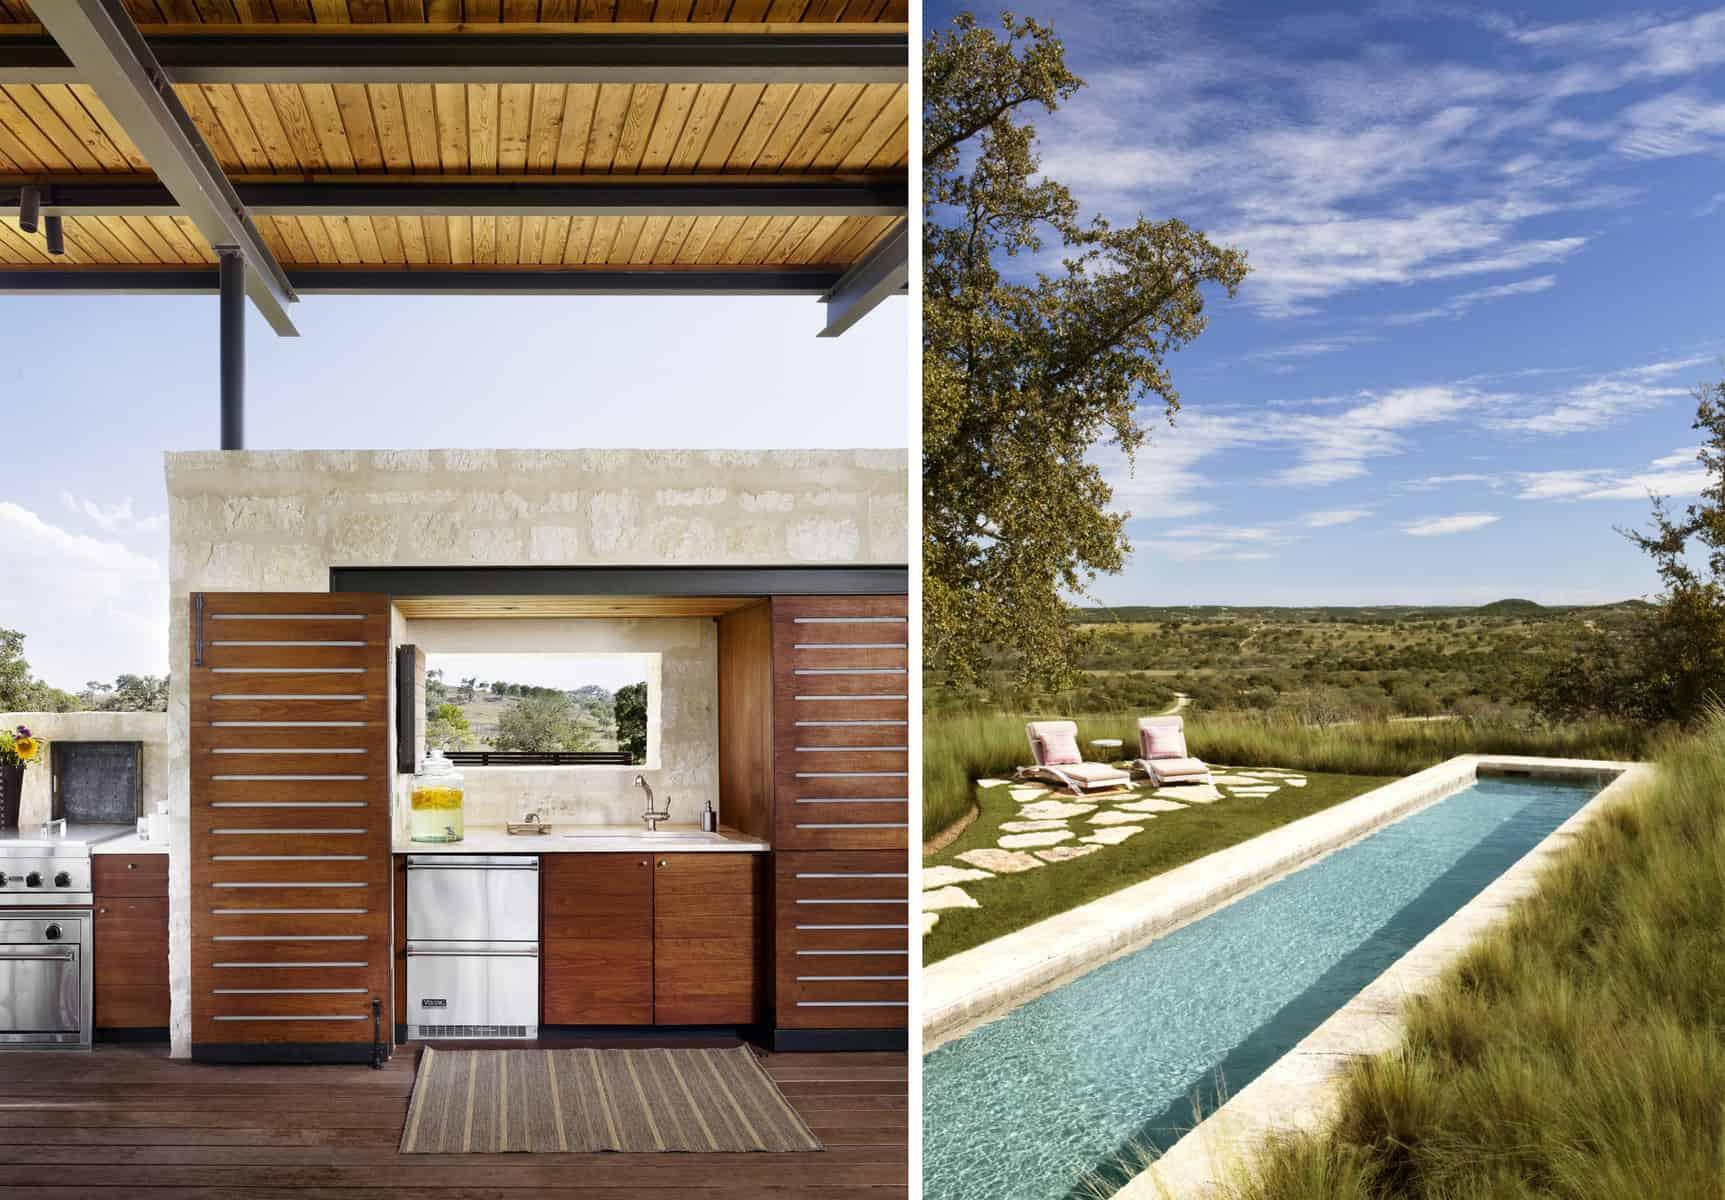 Texas Backyard Oasis